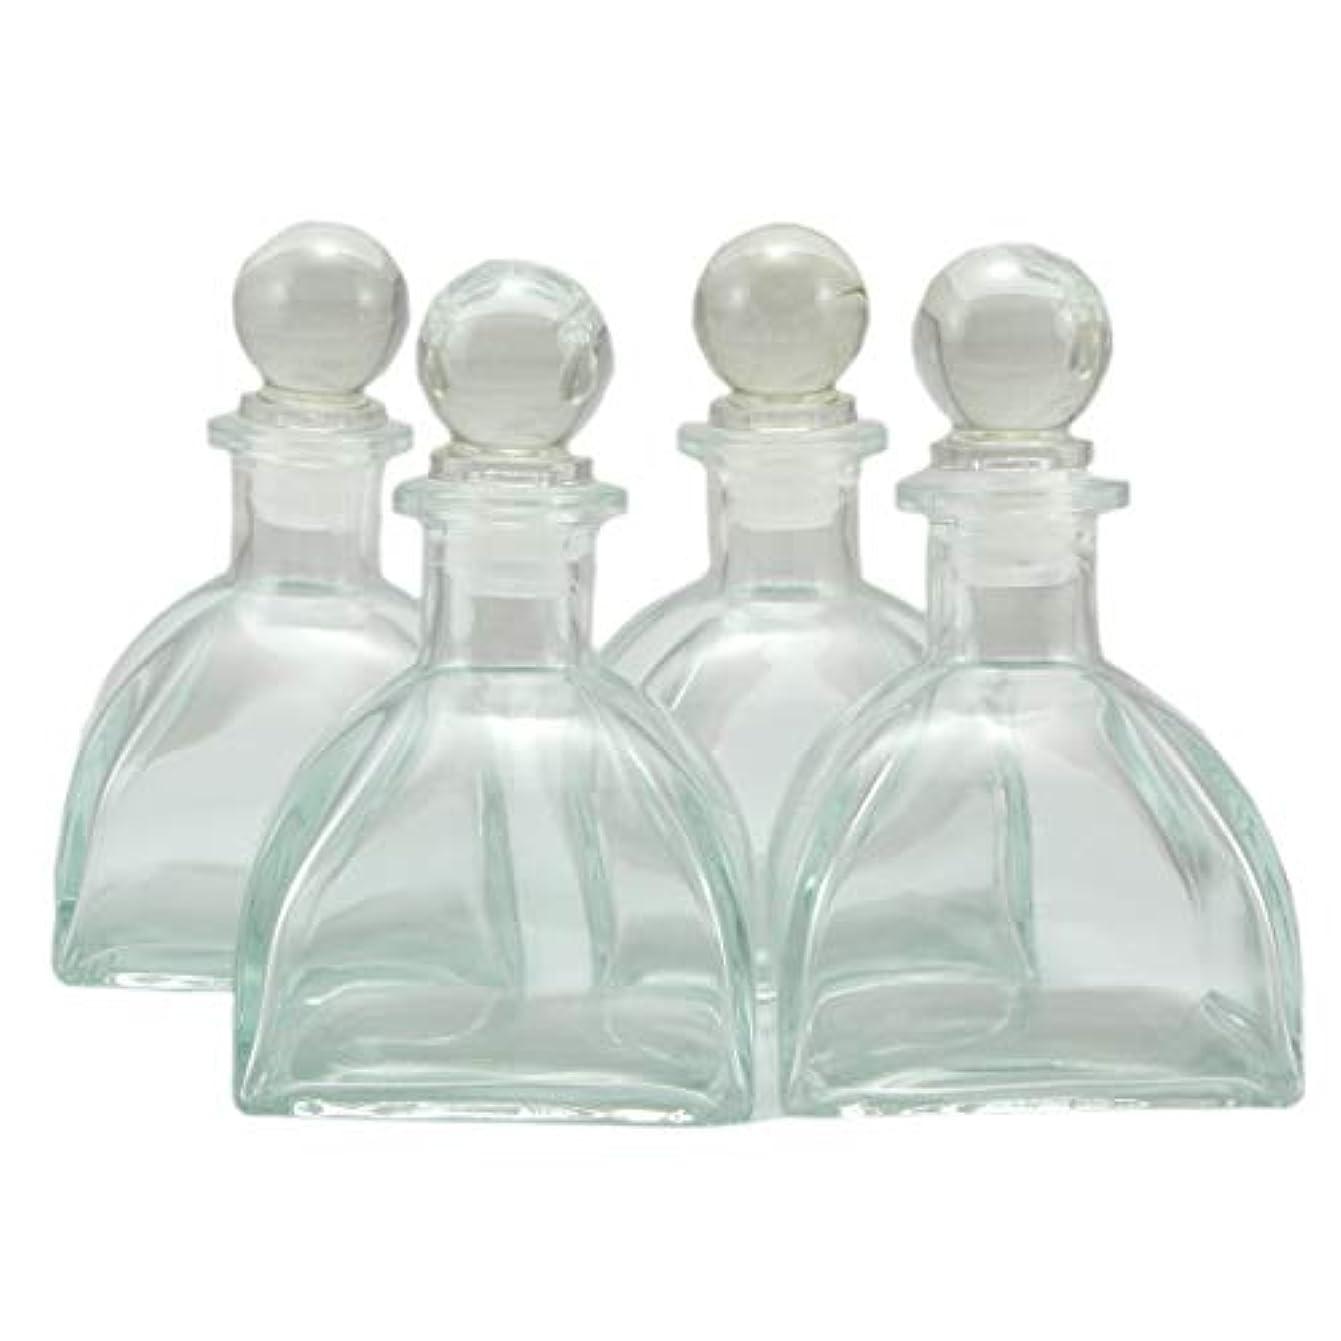 ヒープを必要としていますオピエート4本セット高級アロマ精油拡散ボトル、オフィス、ショップ、ホーム高品位アロマガラスボトル、150mlアロマエッセンシャルオイルガラスボトル